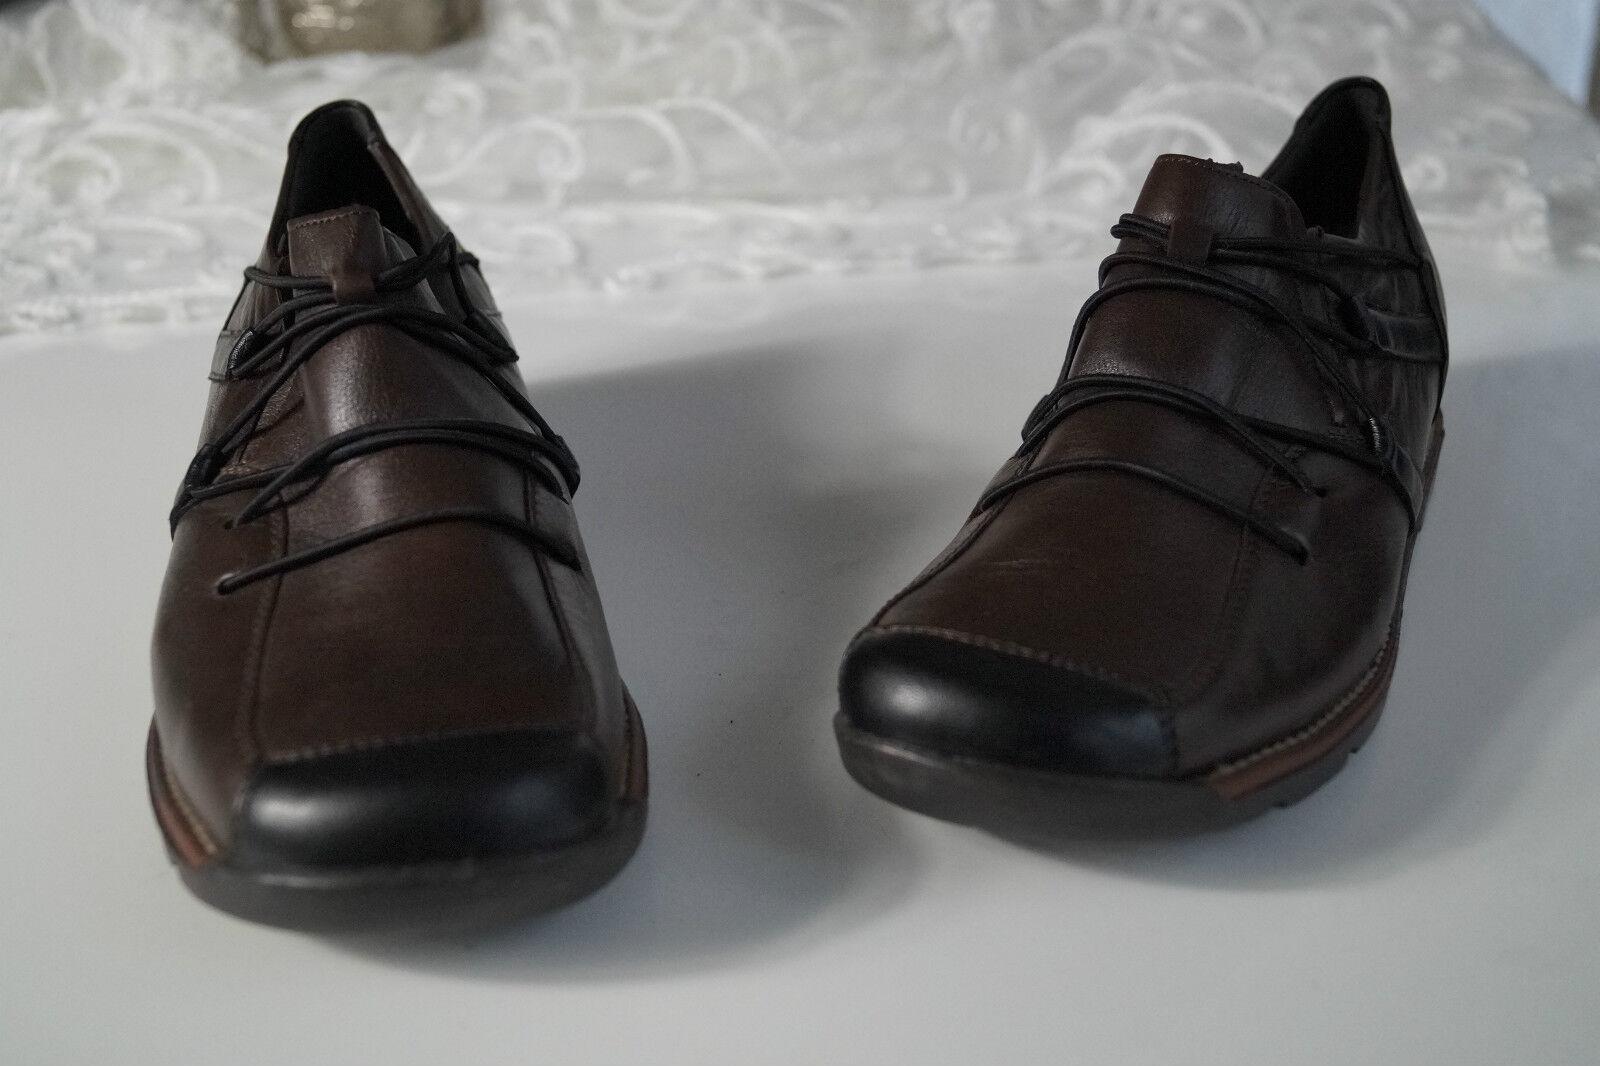 REMONTE Lofters Damen Schuhe Sneaker Einlagen Slipper Leder braun mit Einlagen Sneaker Gr.40 NEU 345c6d